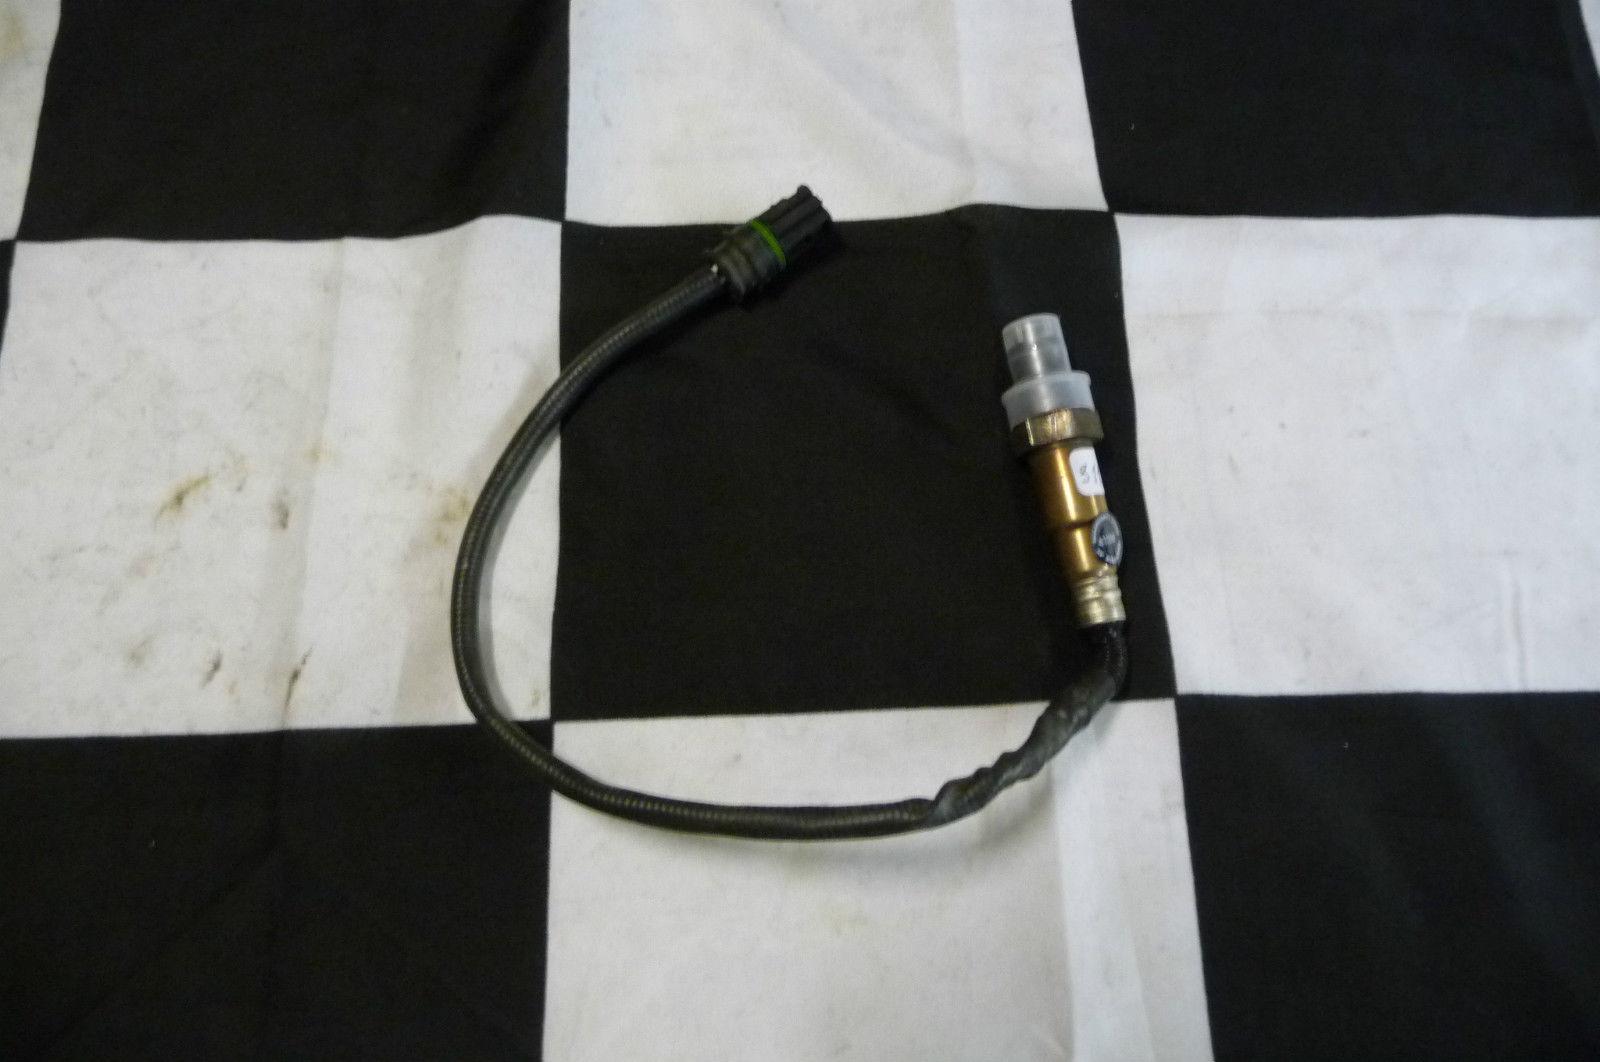 2008 2009 2010 BMW E60 528i O2 Oxygen Lambda Monitor Sensor L= 480MM 11787569968 OEM OE